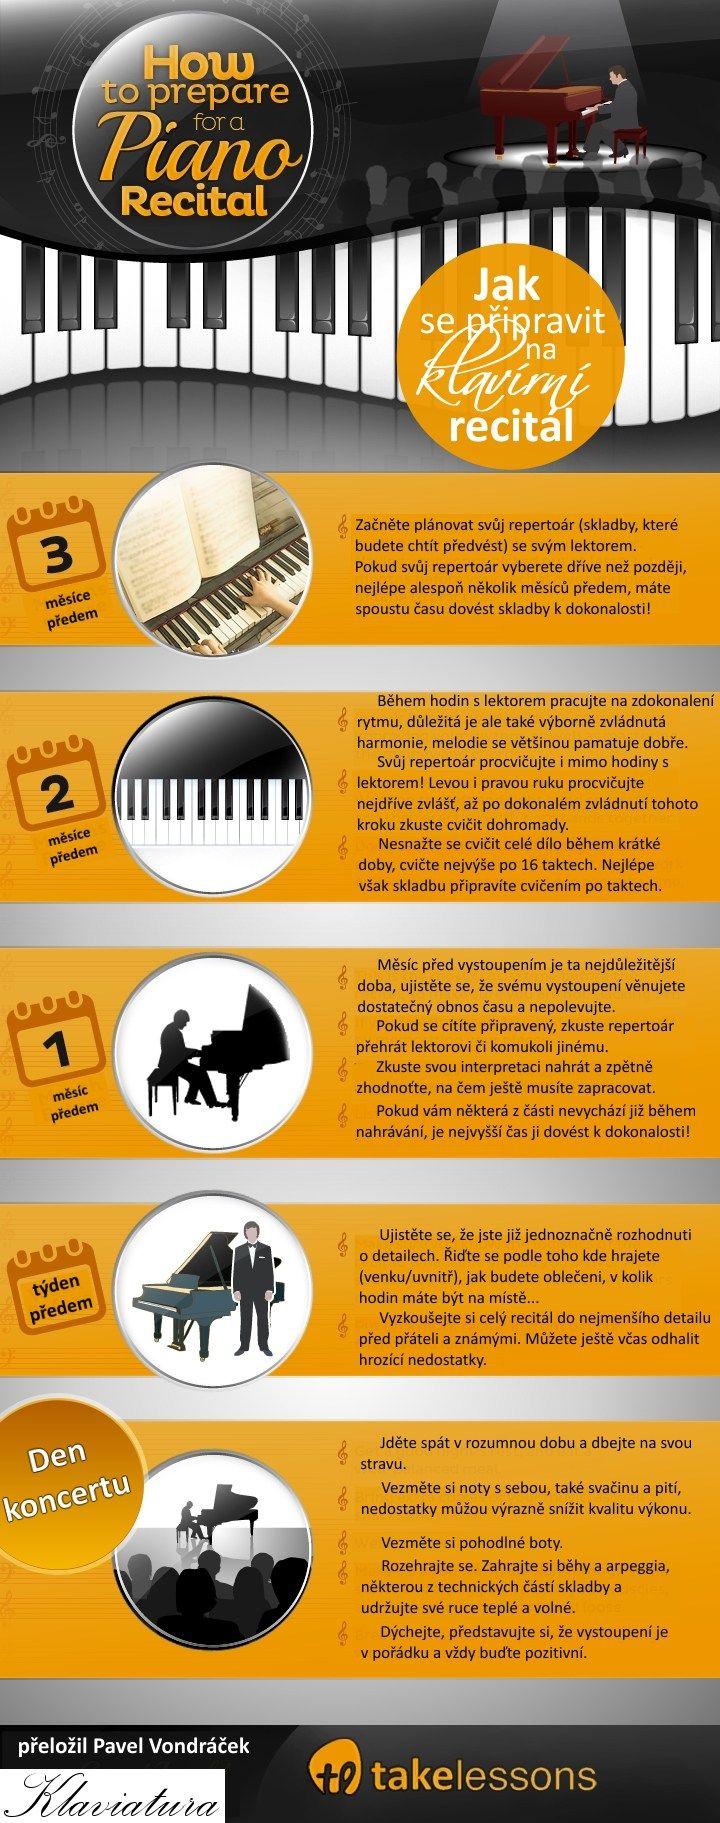 Víte, jak se připravit na klavírní recitál? Mrkněte na infografiku.